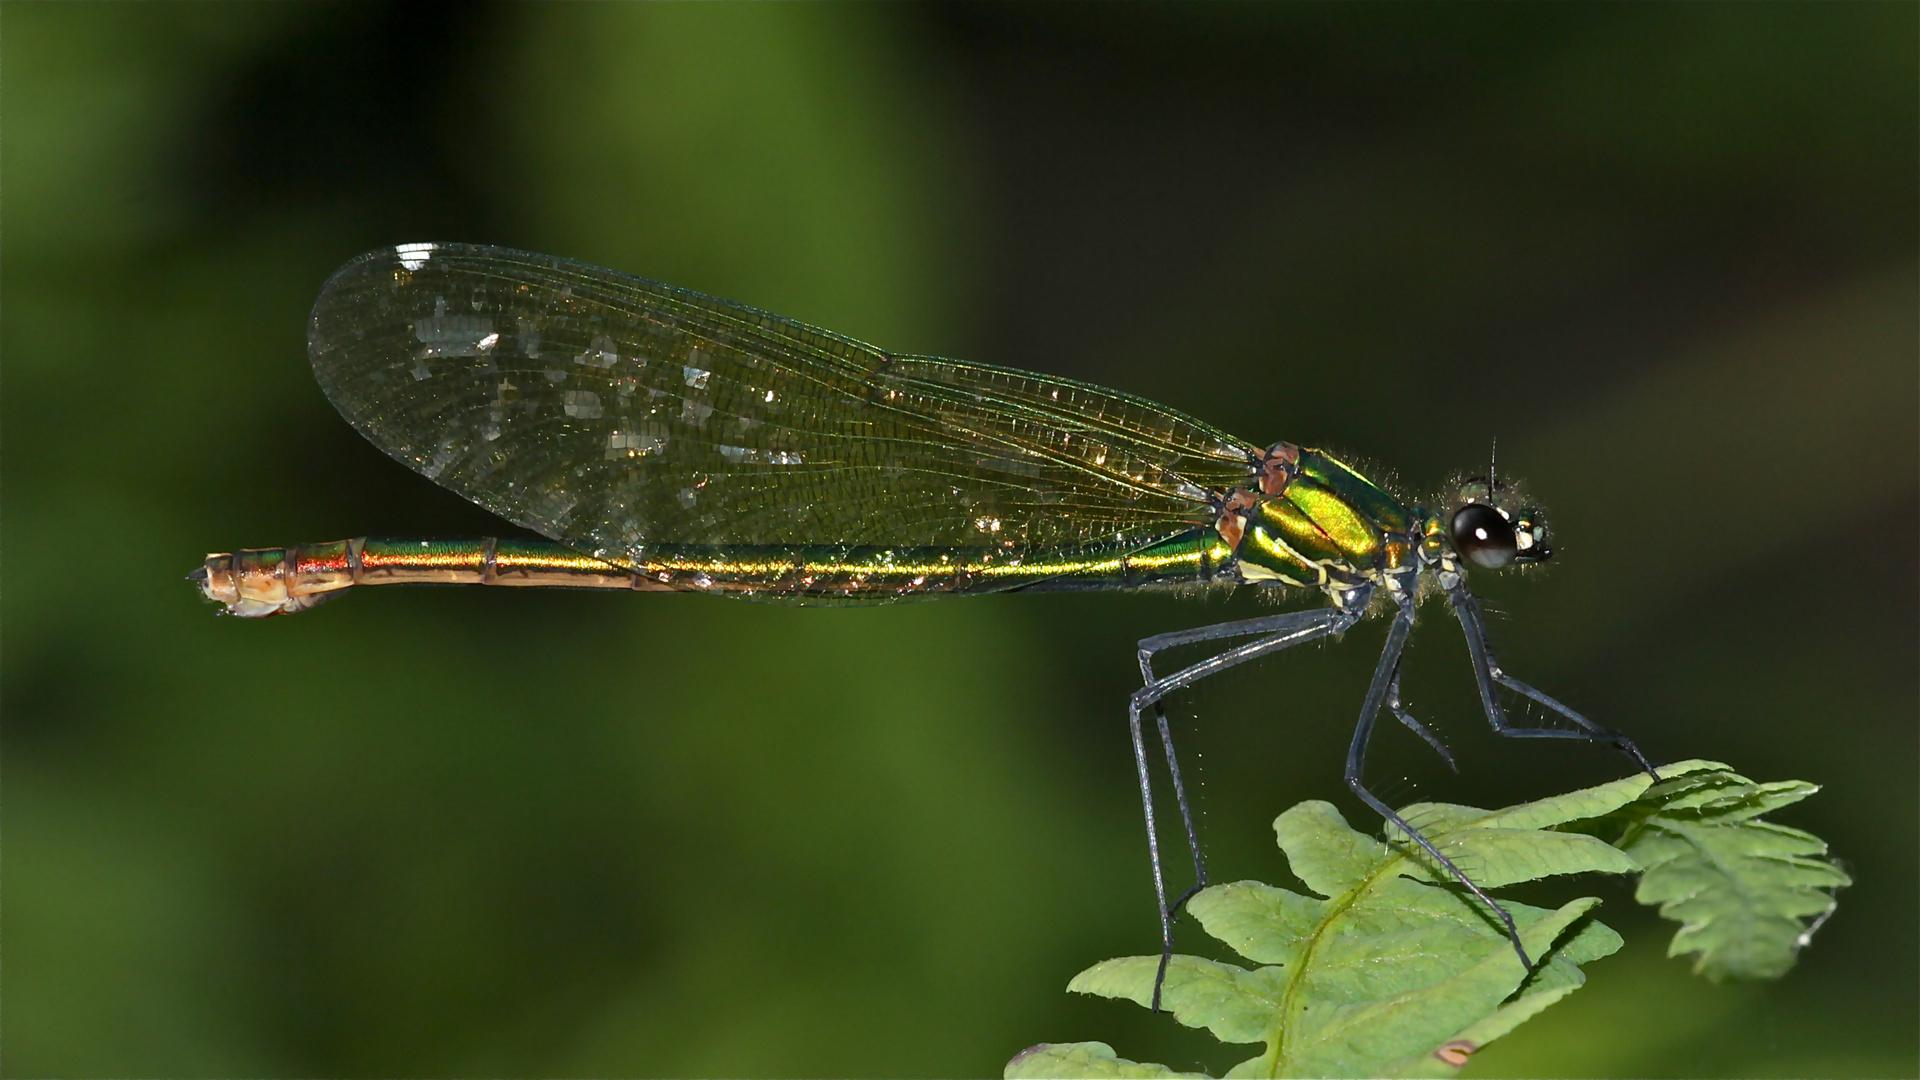 CALOPTERYX SPLENDENS - Die Gebänderte Prachtlibelle, ein Weibchen